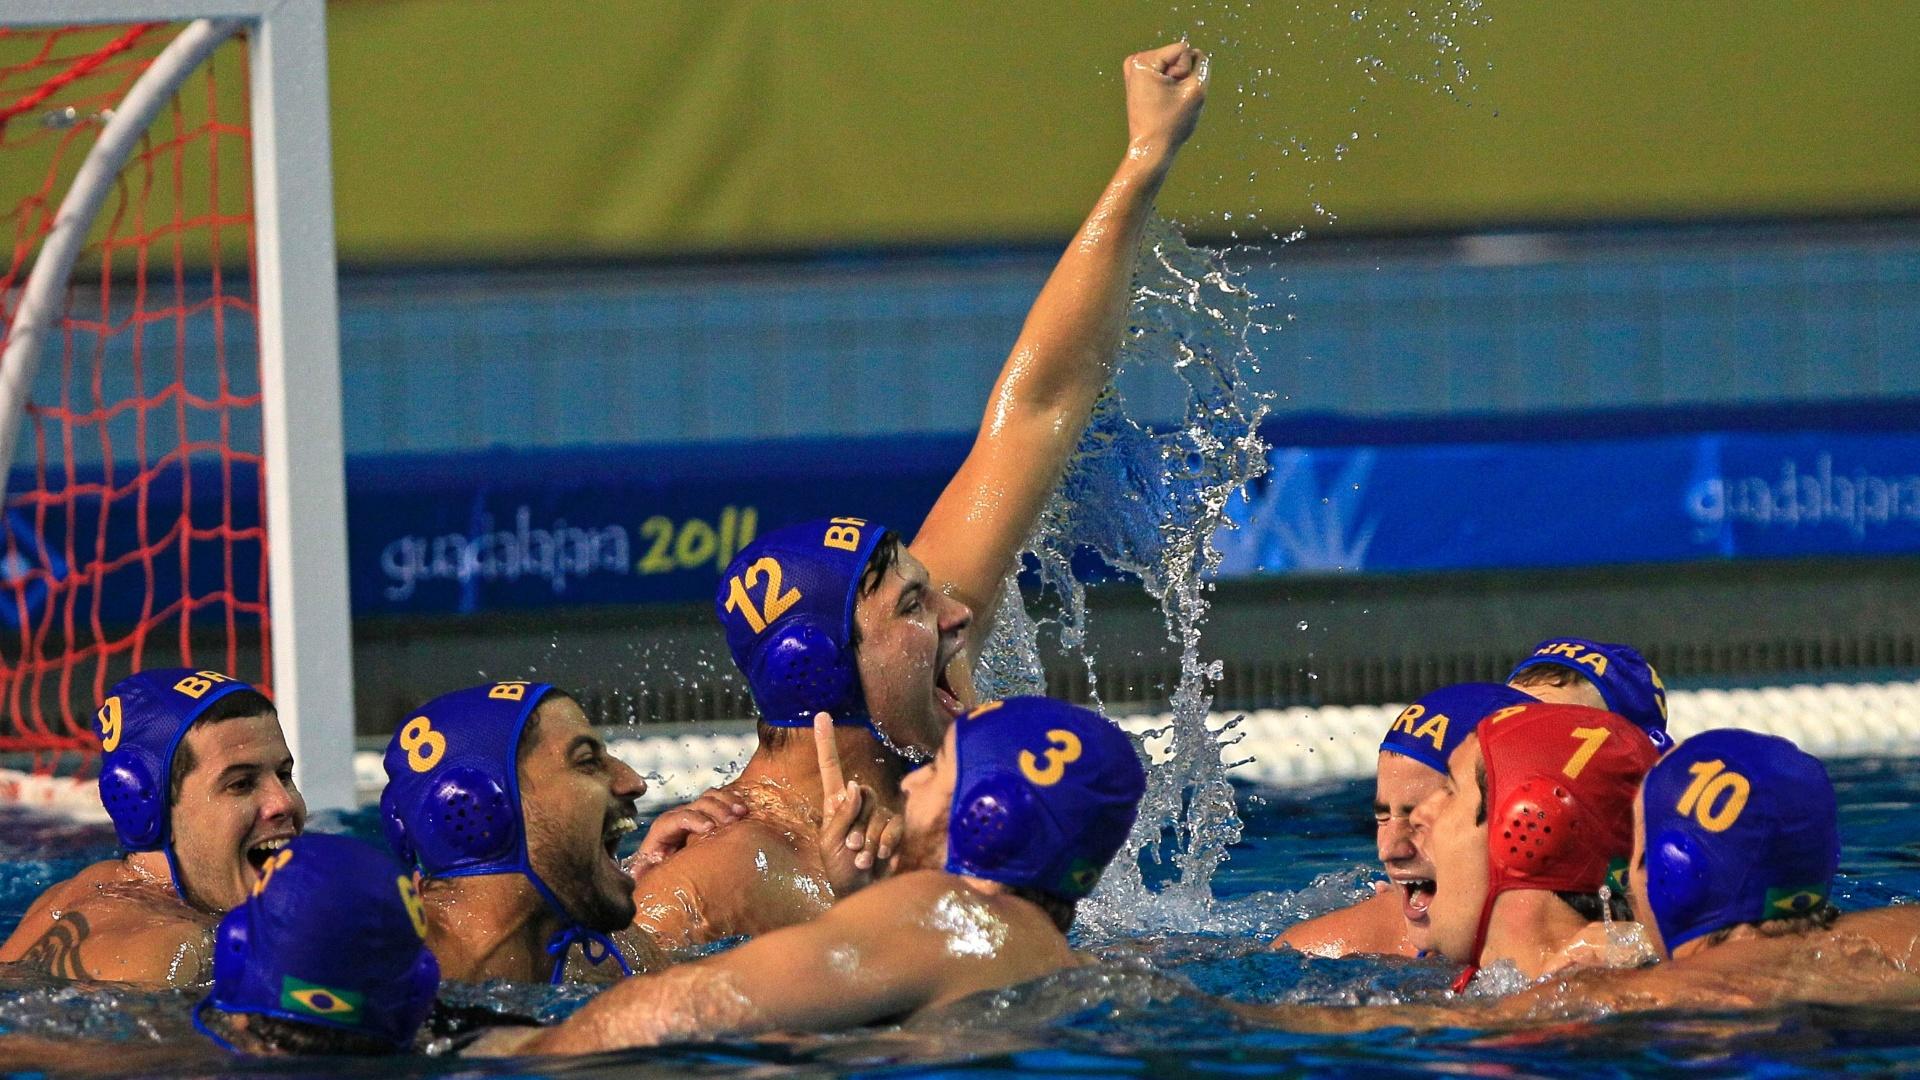 Brasileiros comemoram o bronze no pólo aquático, depois da vitória sobre Cuba por 14 a 7 (29/10/2011)